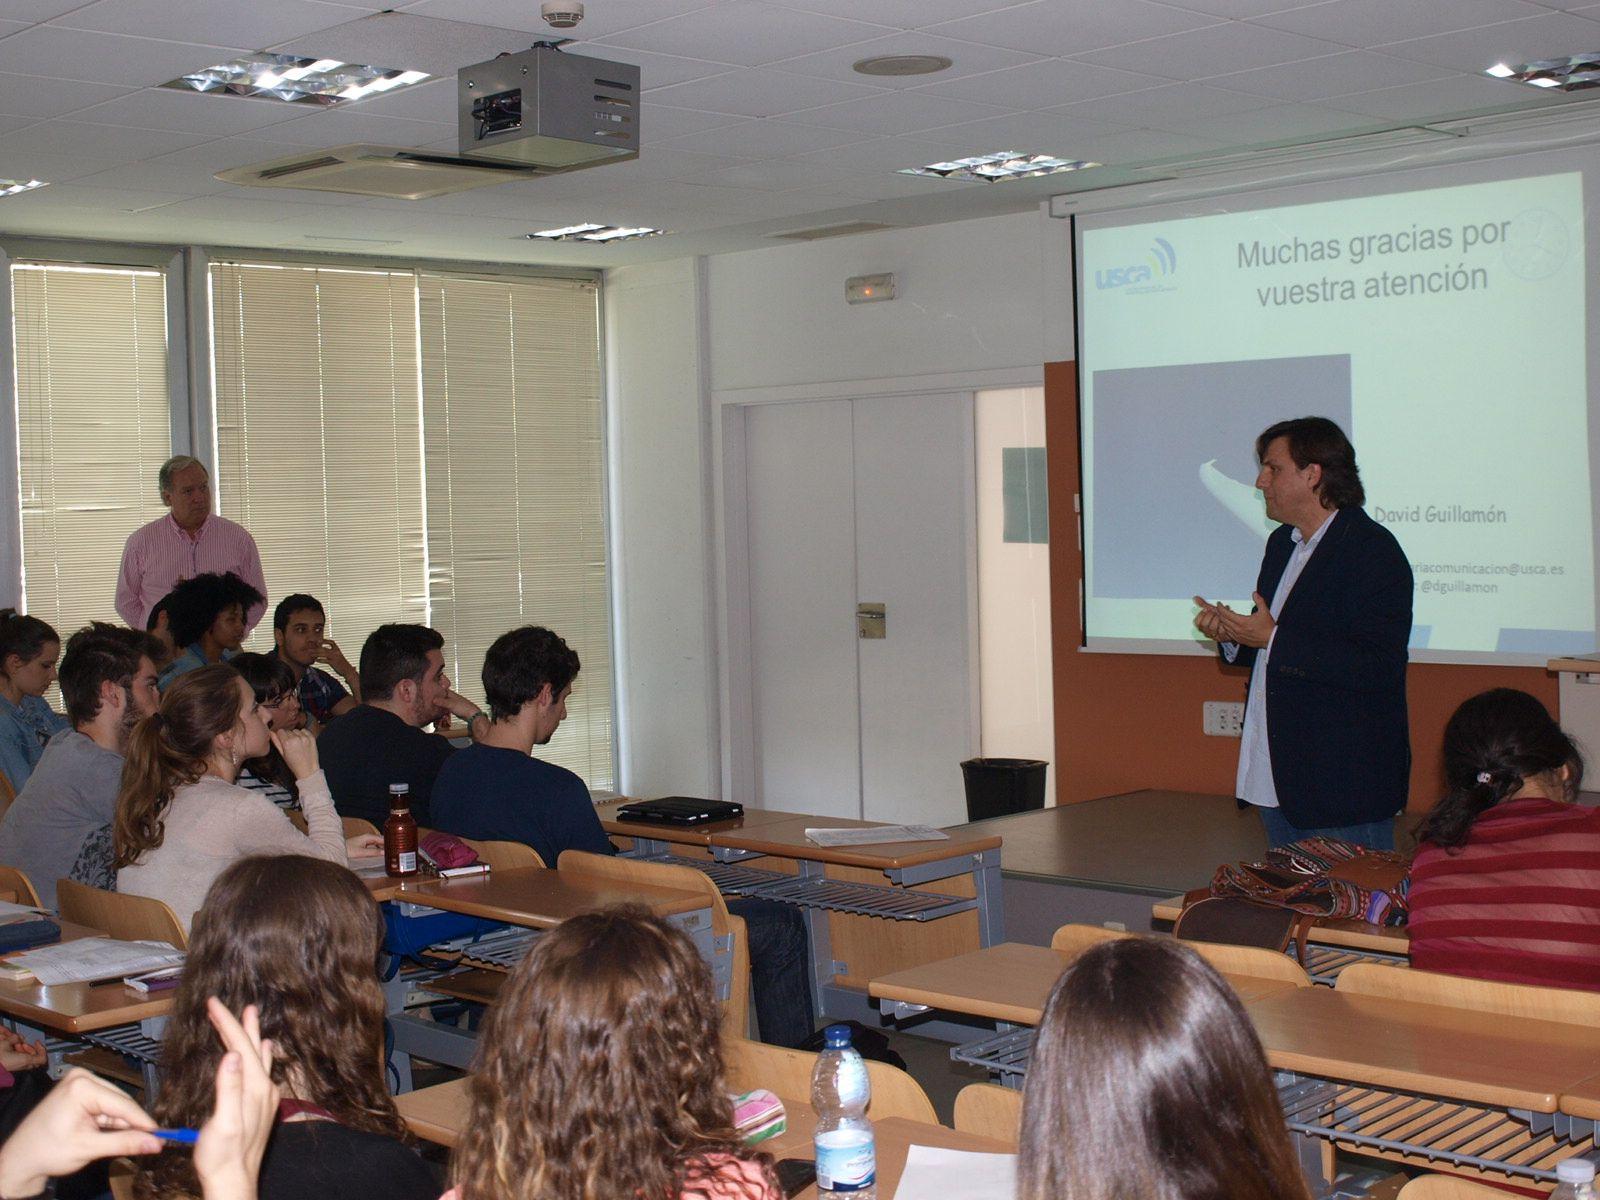 David Guillamón en la facultad de Psicología 2